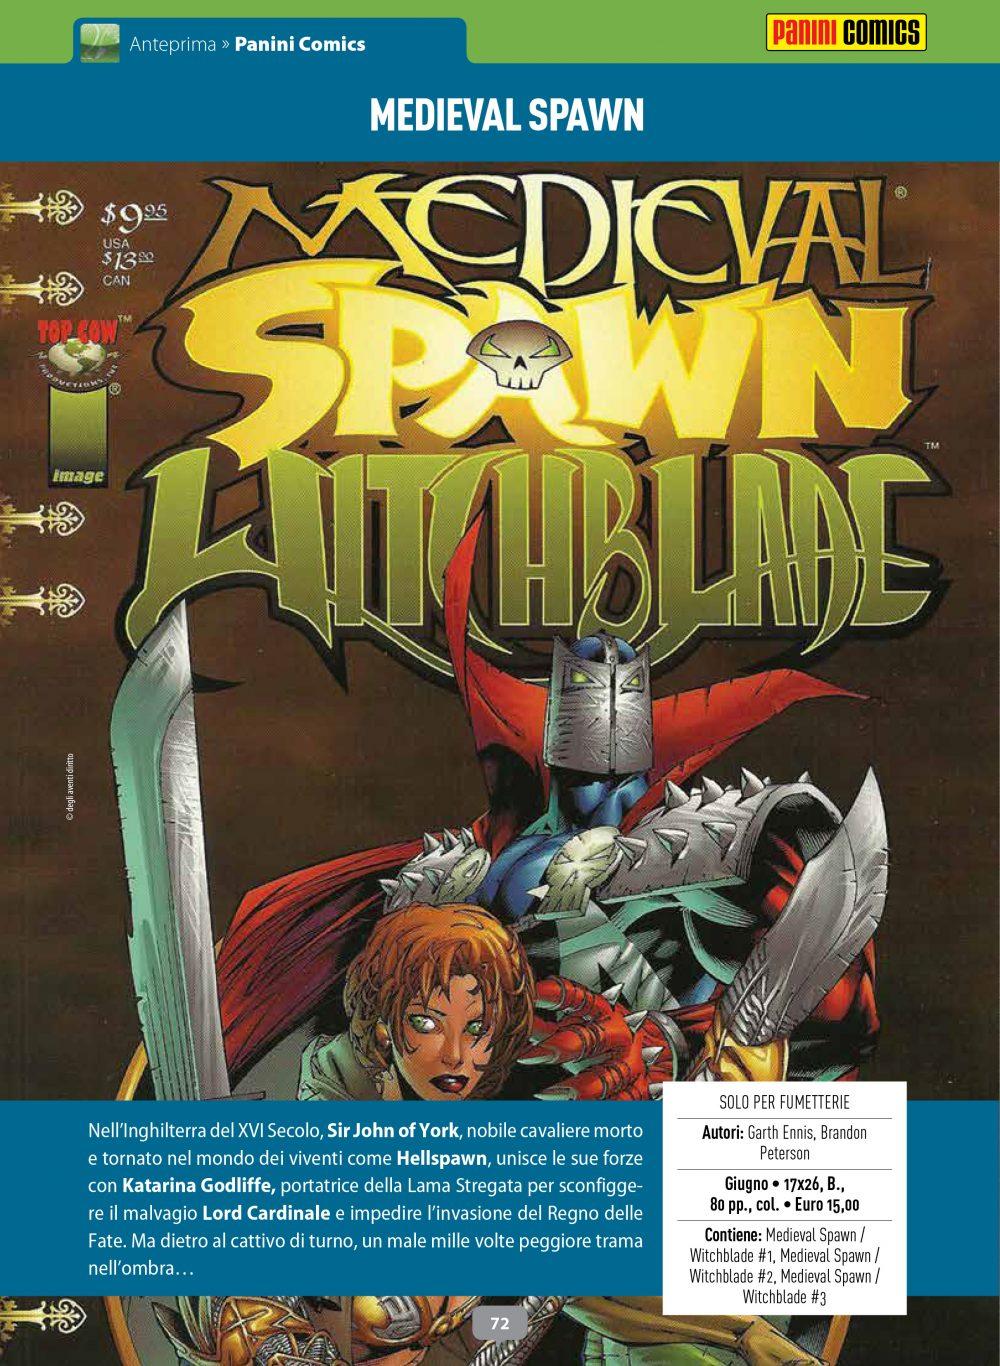 Medieval Spawn